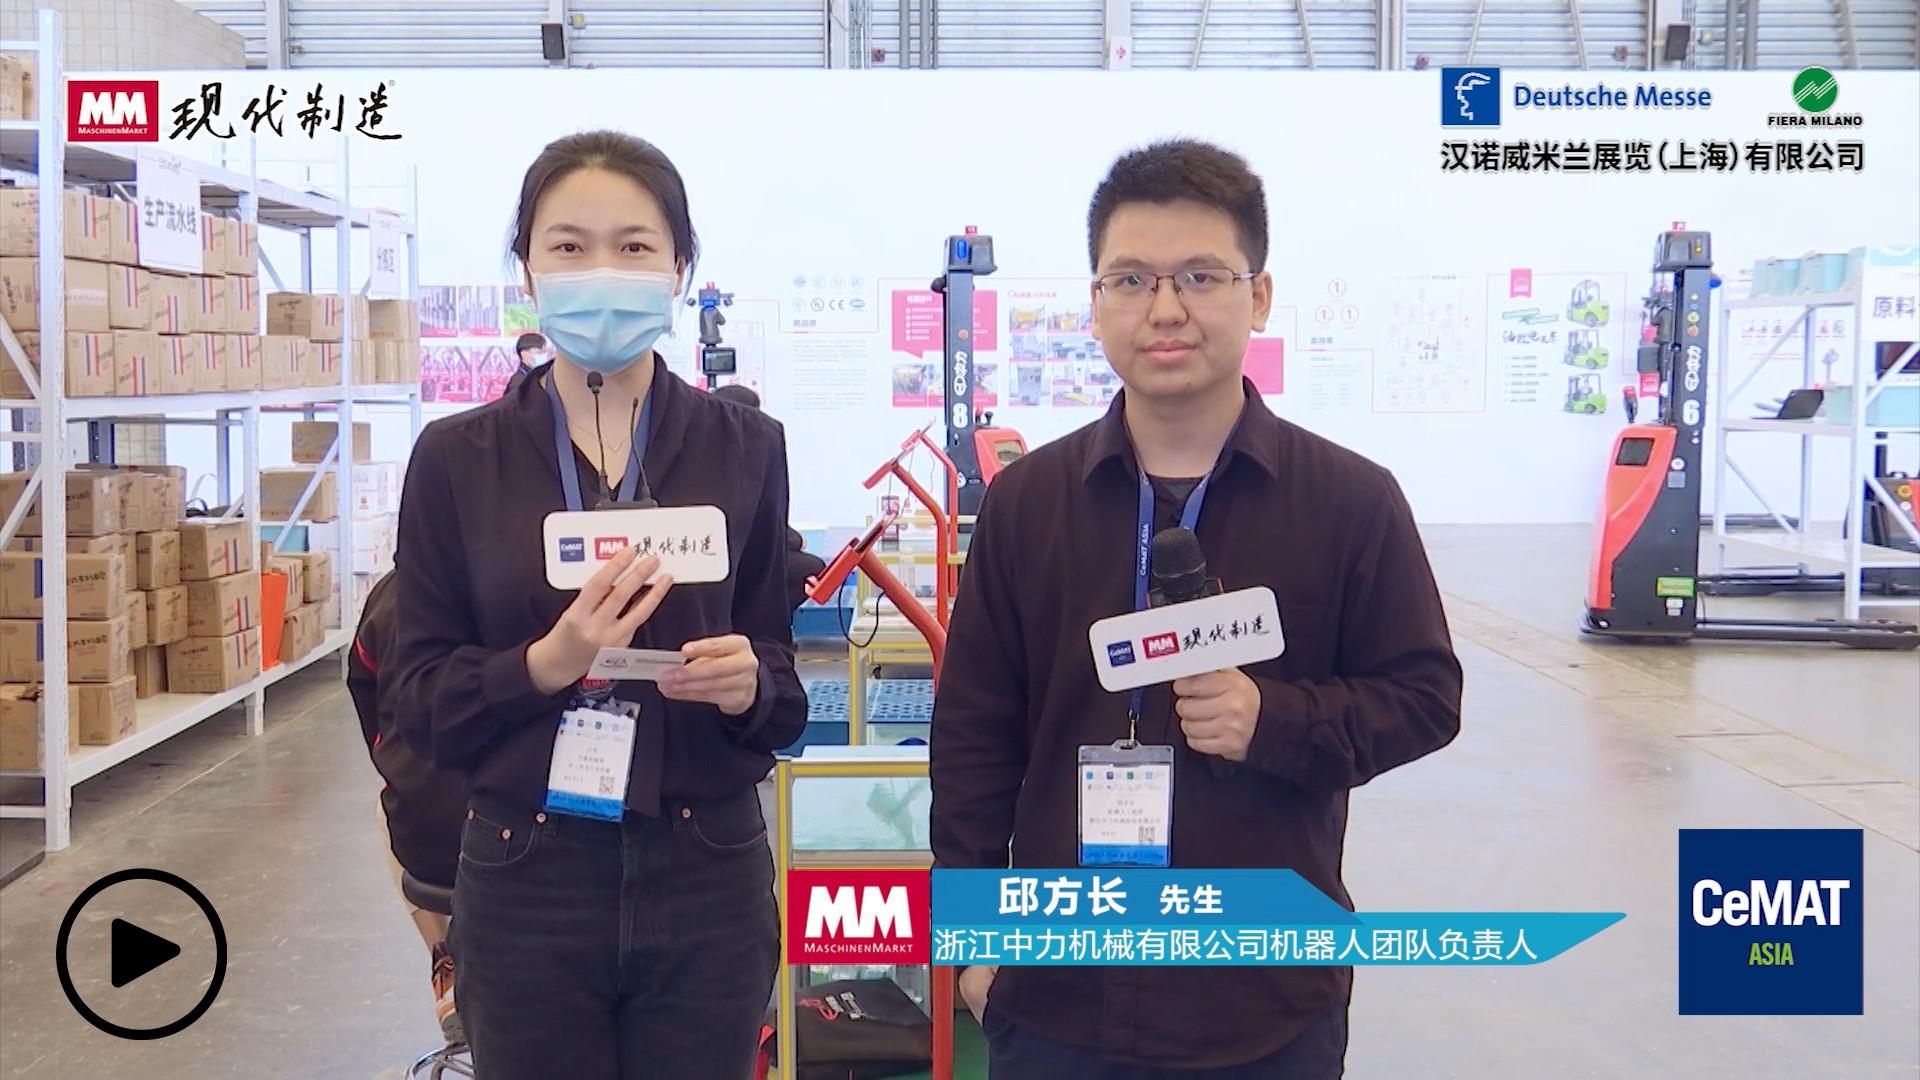 浙江中力机械有限公司 - 机器人团队负责人 - 邱方长